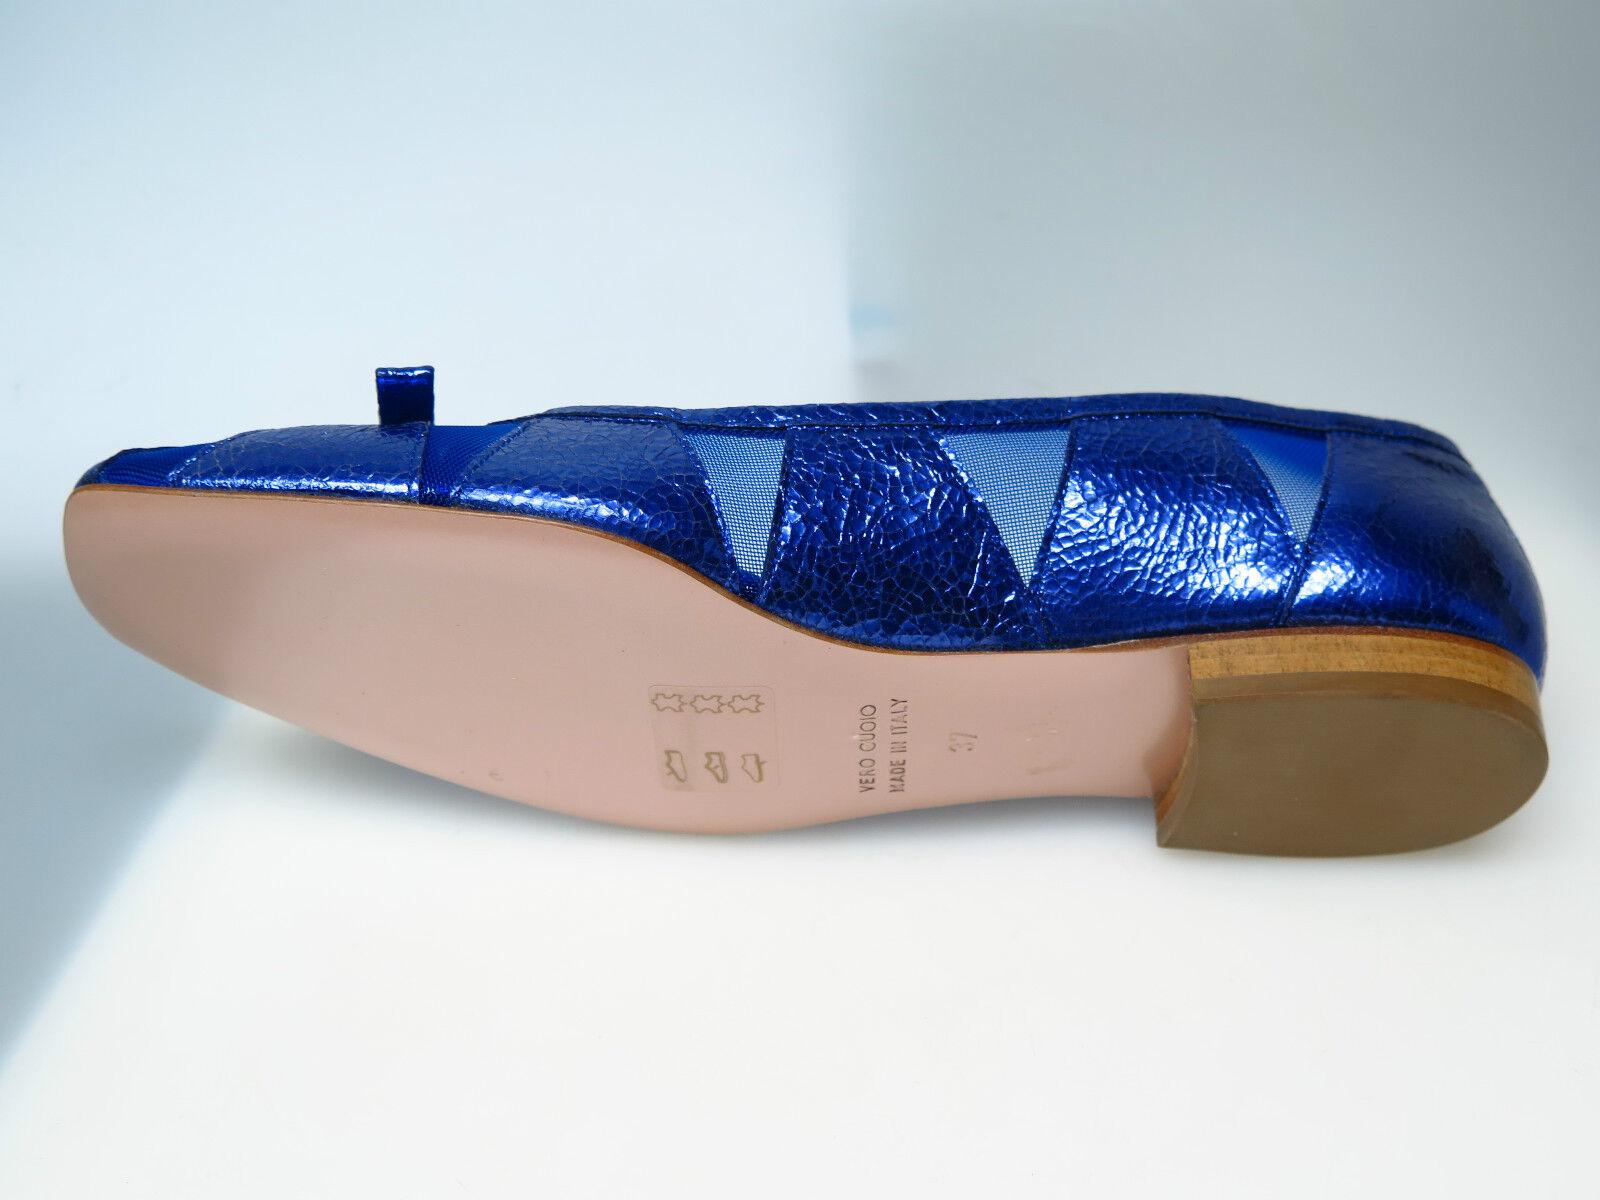 SULTANA Schuhe Designer Damenschuhe N4500 Tati Vegas Indaco Goldi Goldi Goldi Gr. 37 NEU c94ef6